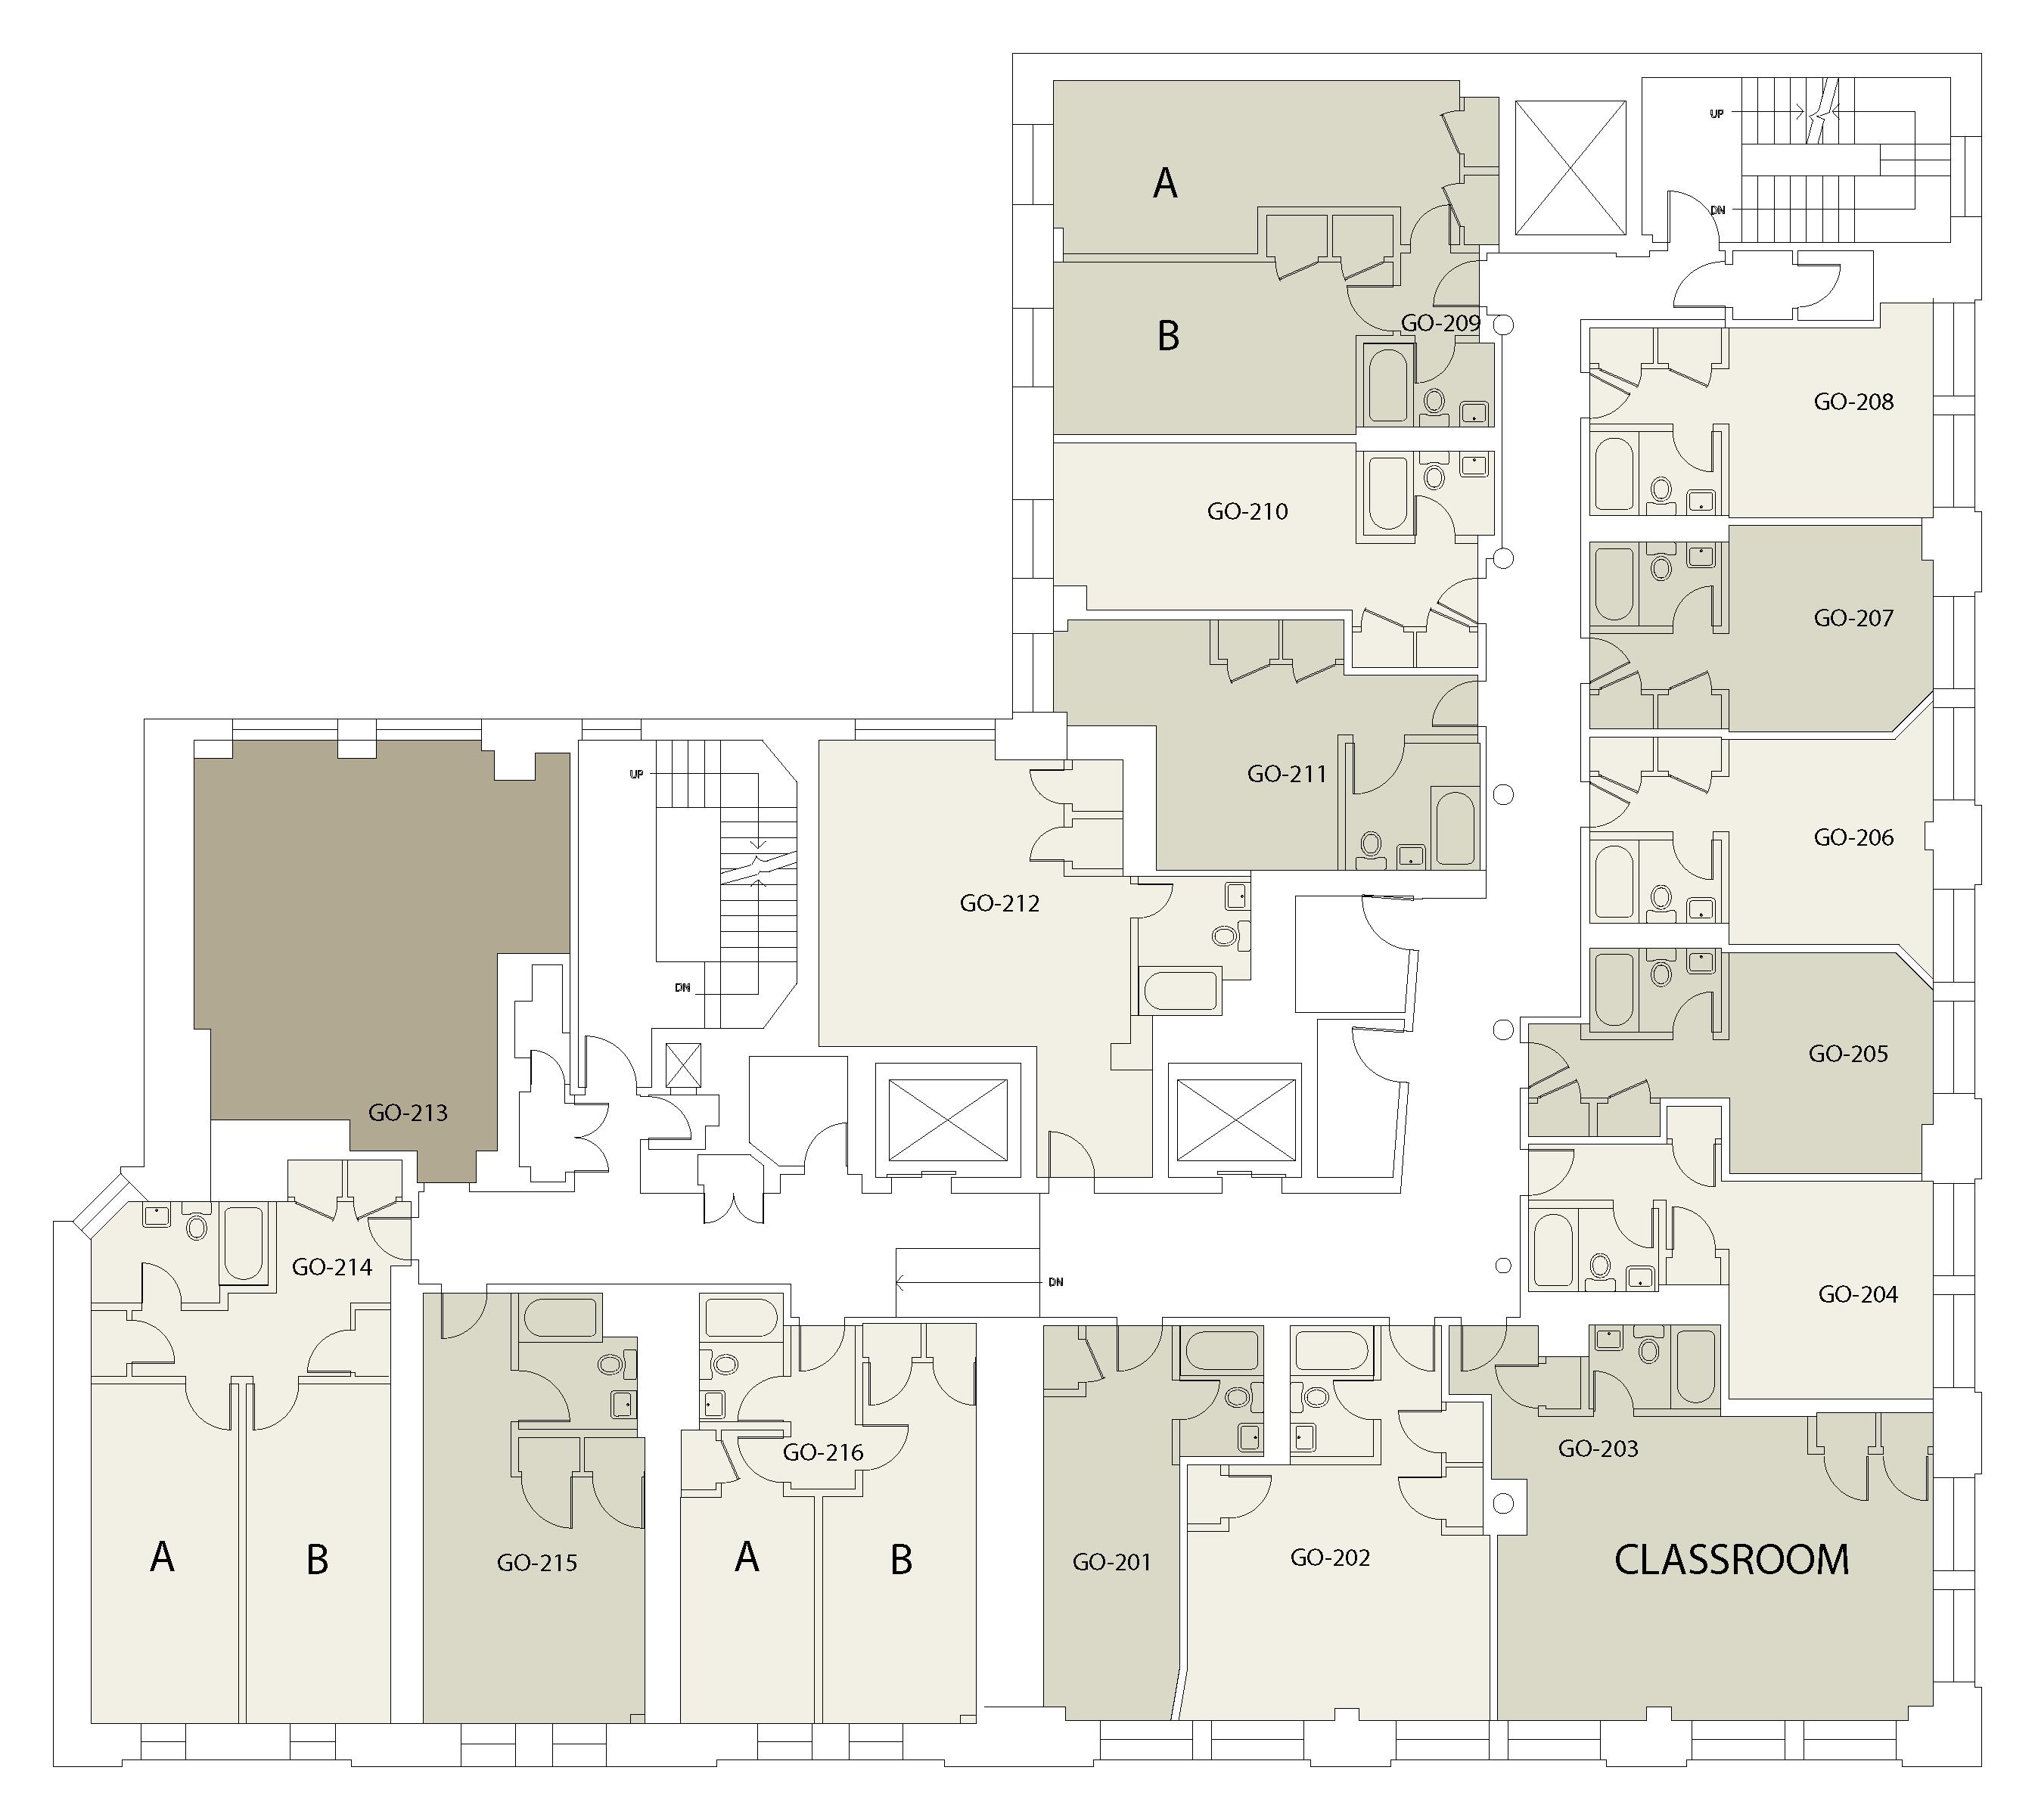 Floor plan for Goddard Floor 02